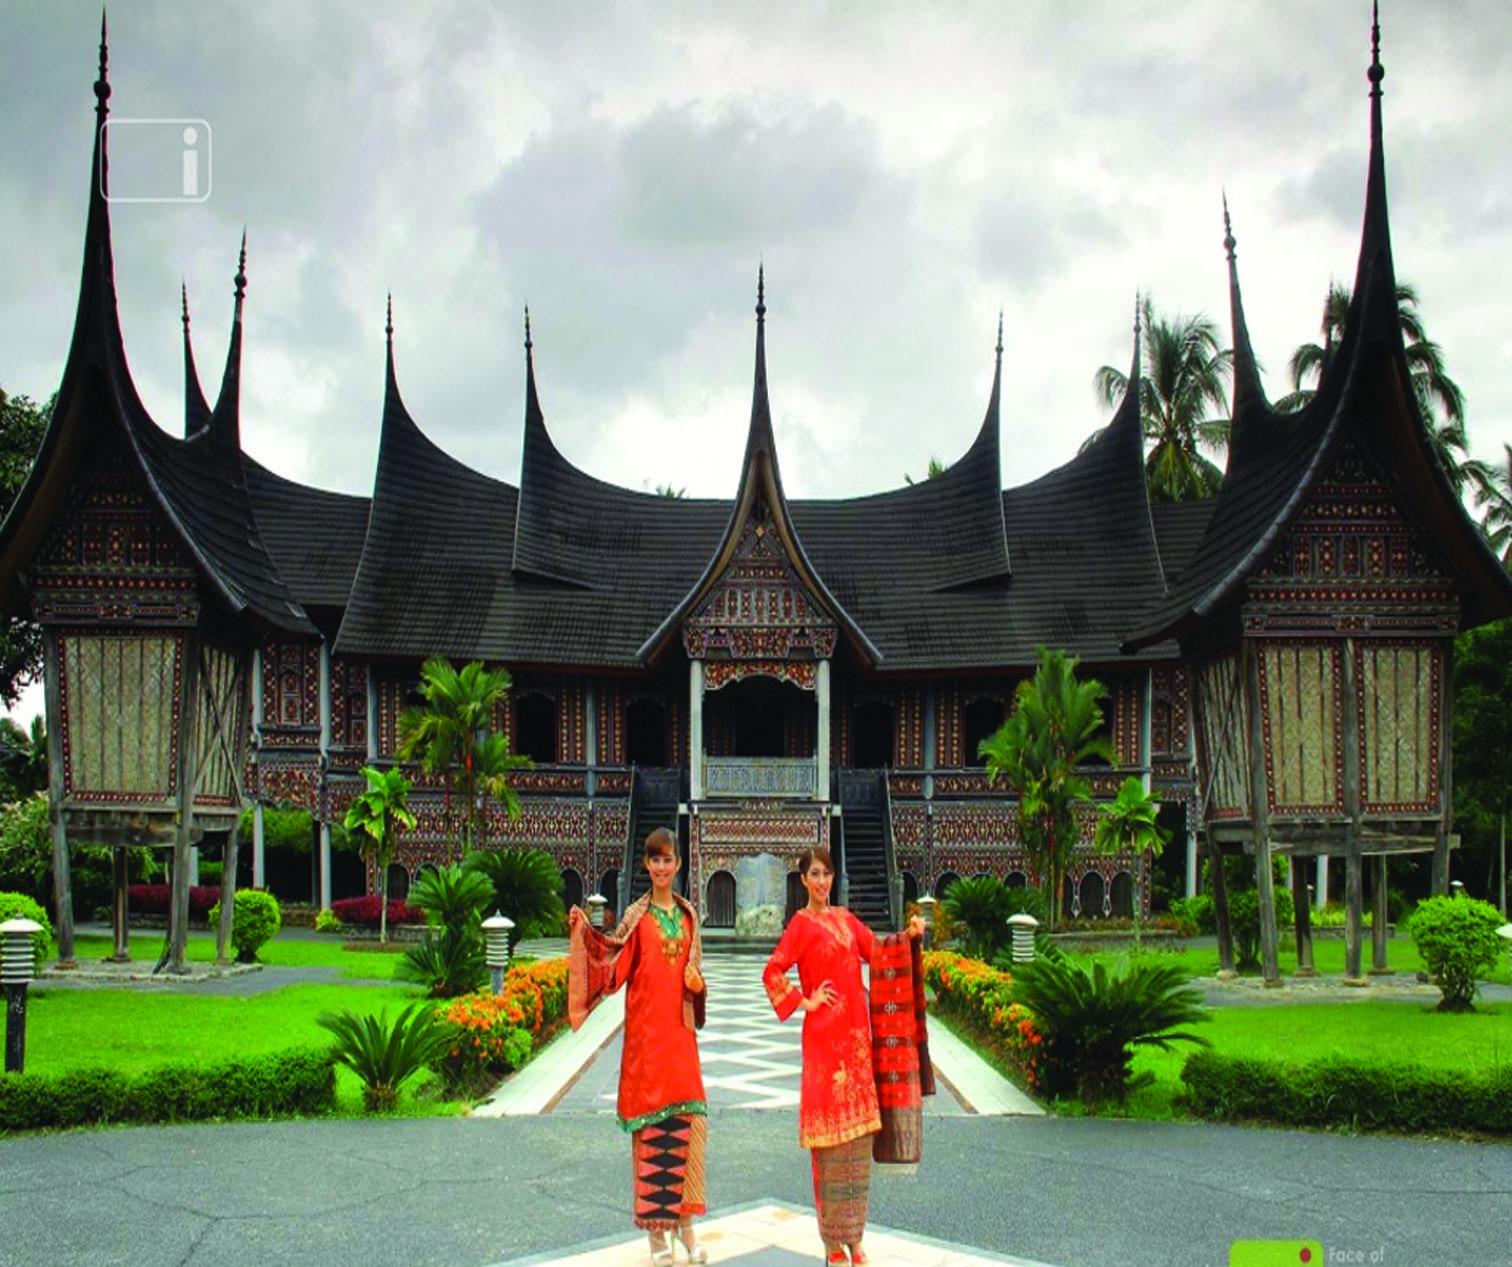 Rumah Gadang Sungai Beringin Lokasi Wisata Budaya Yang Wajib Di Kunjungi